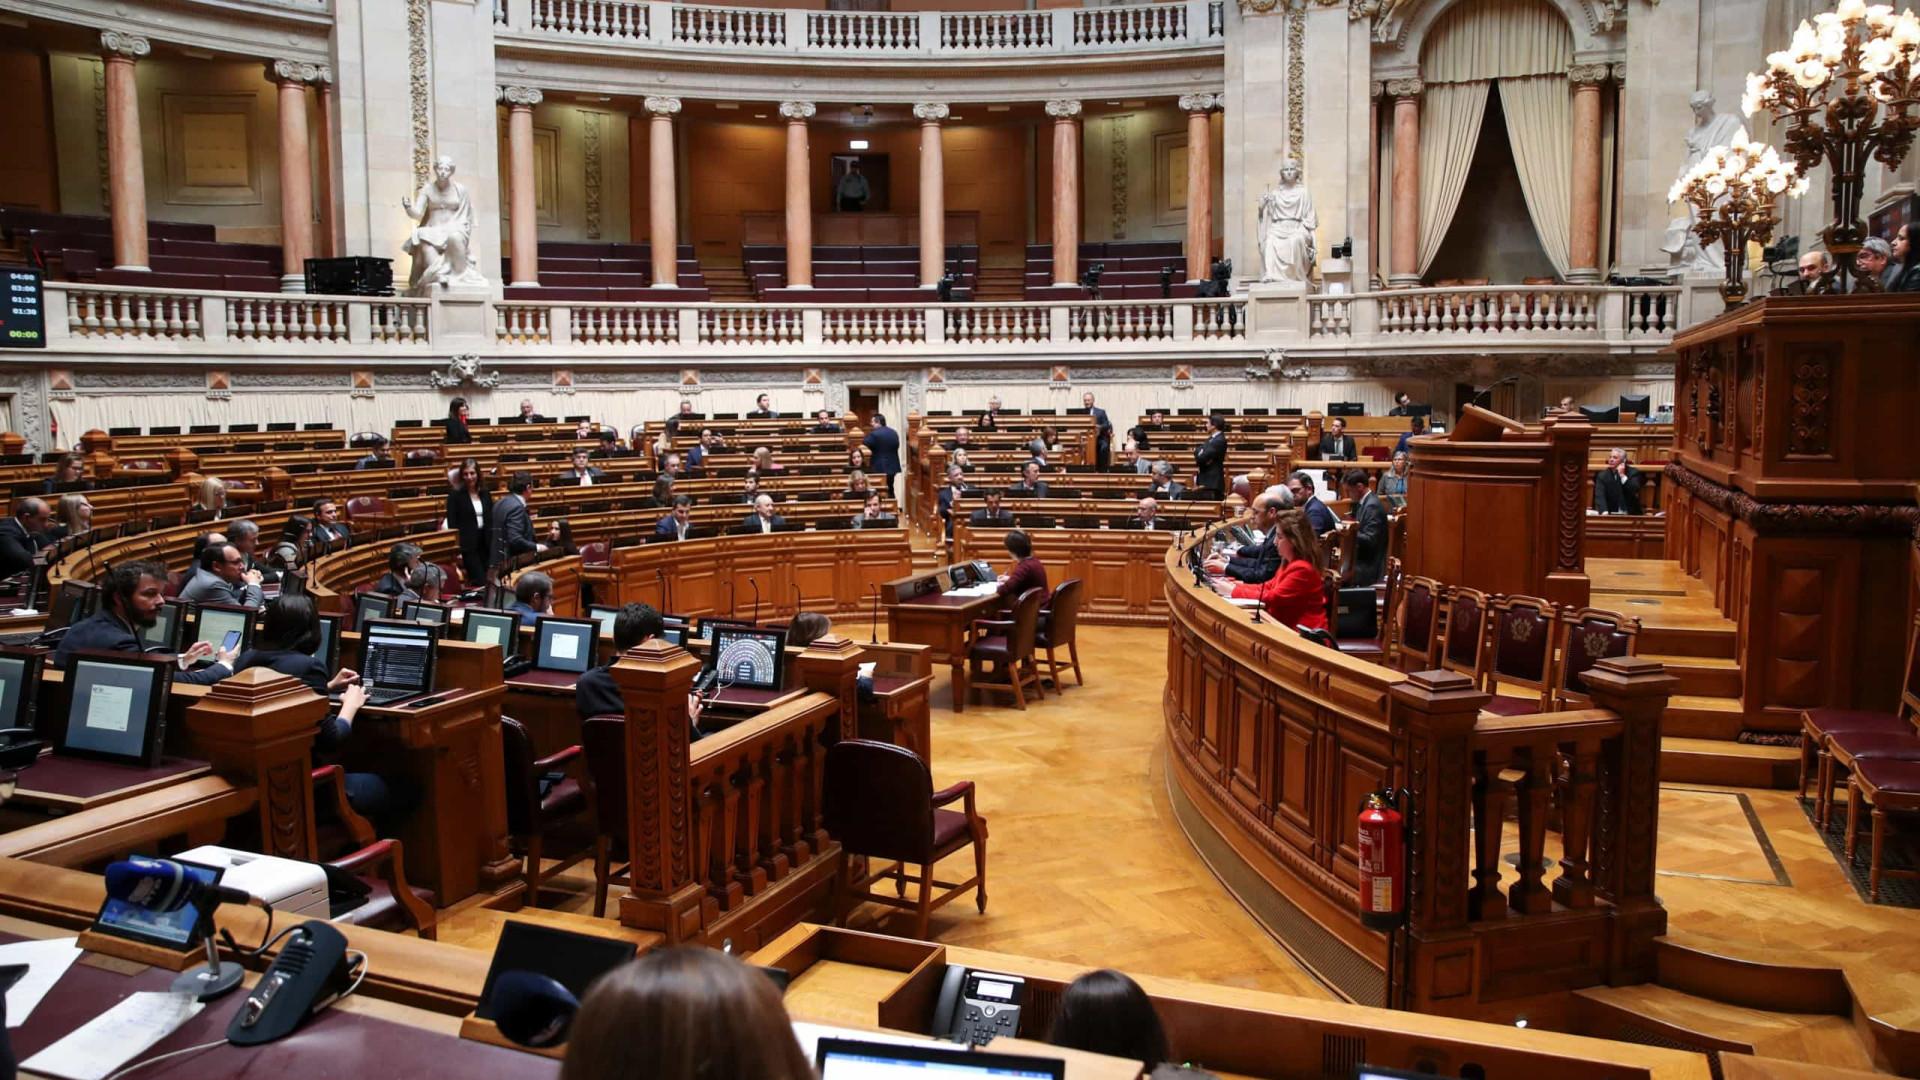 AR aprova mudança do Constitucional e Supremo Administrativo para Coimbra